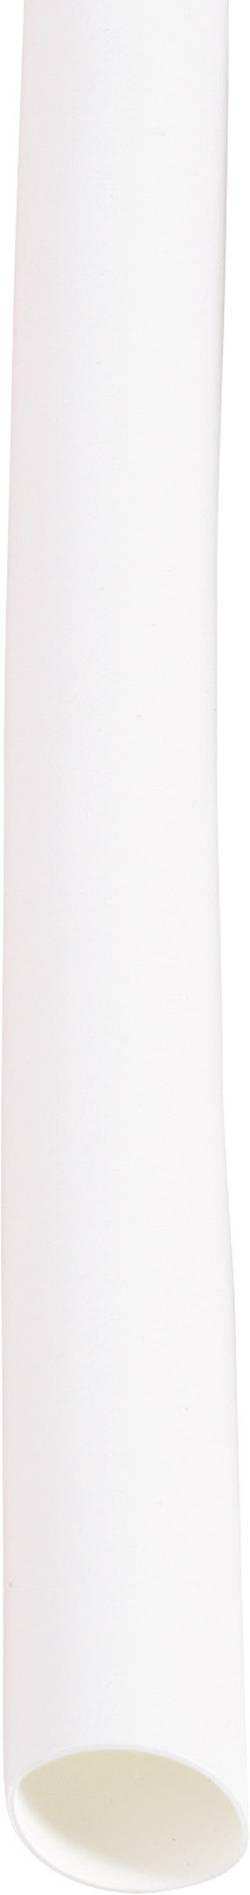 Gaine thermorétractable sans colle 2:1 DSG Canusa 2890095902 blanc Ø avant retreint: 9.50 mm au mètre